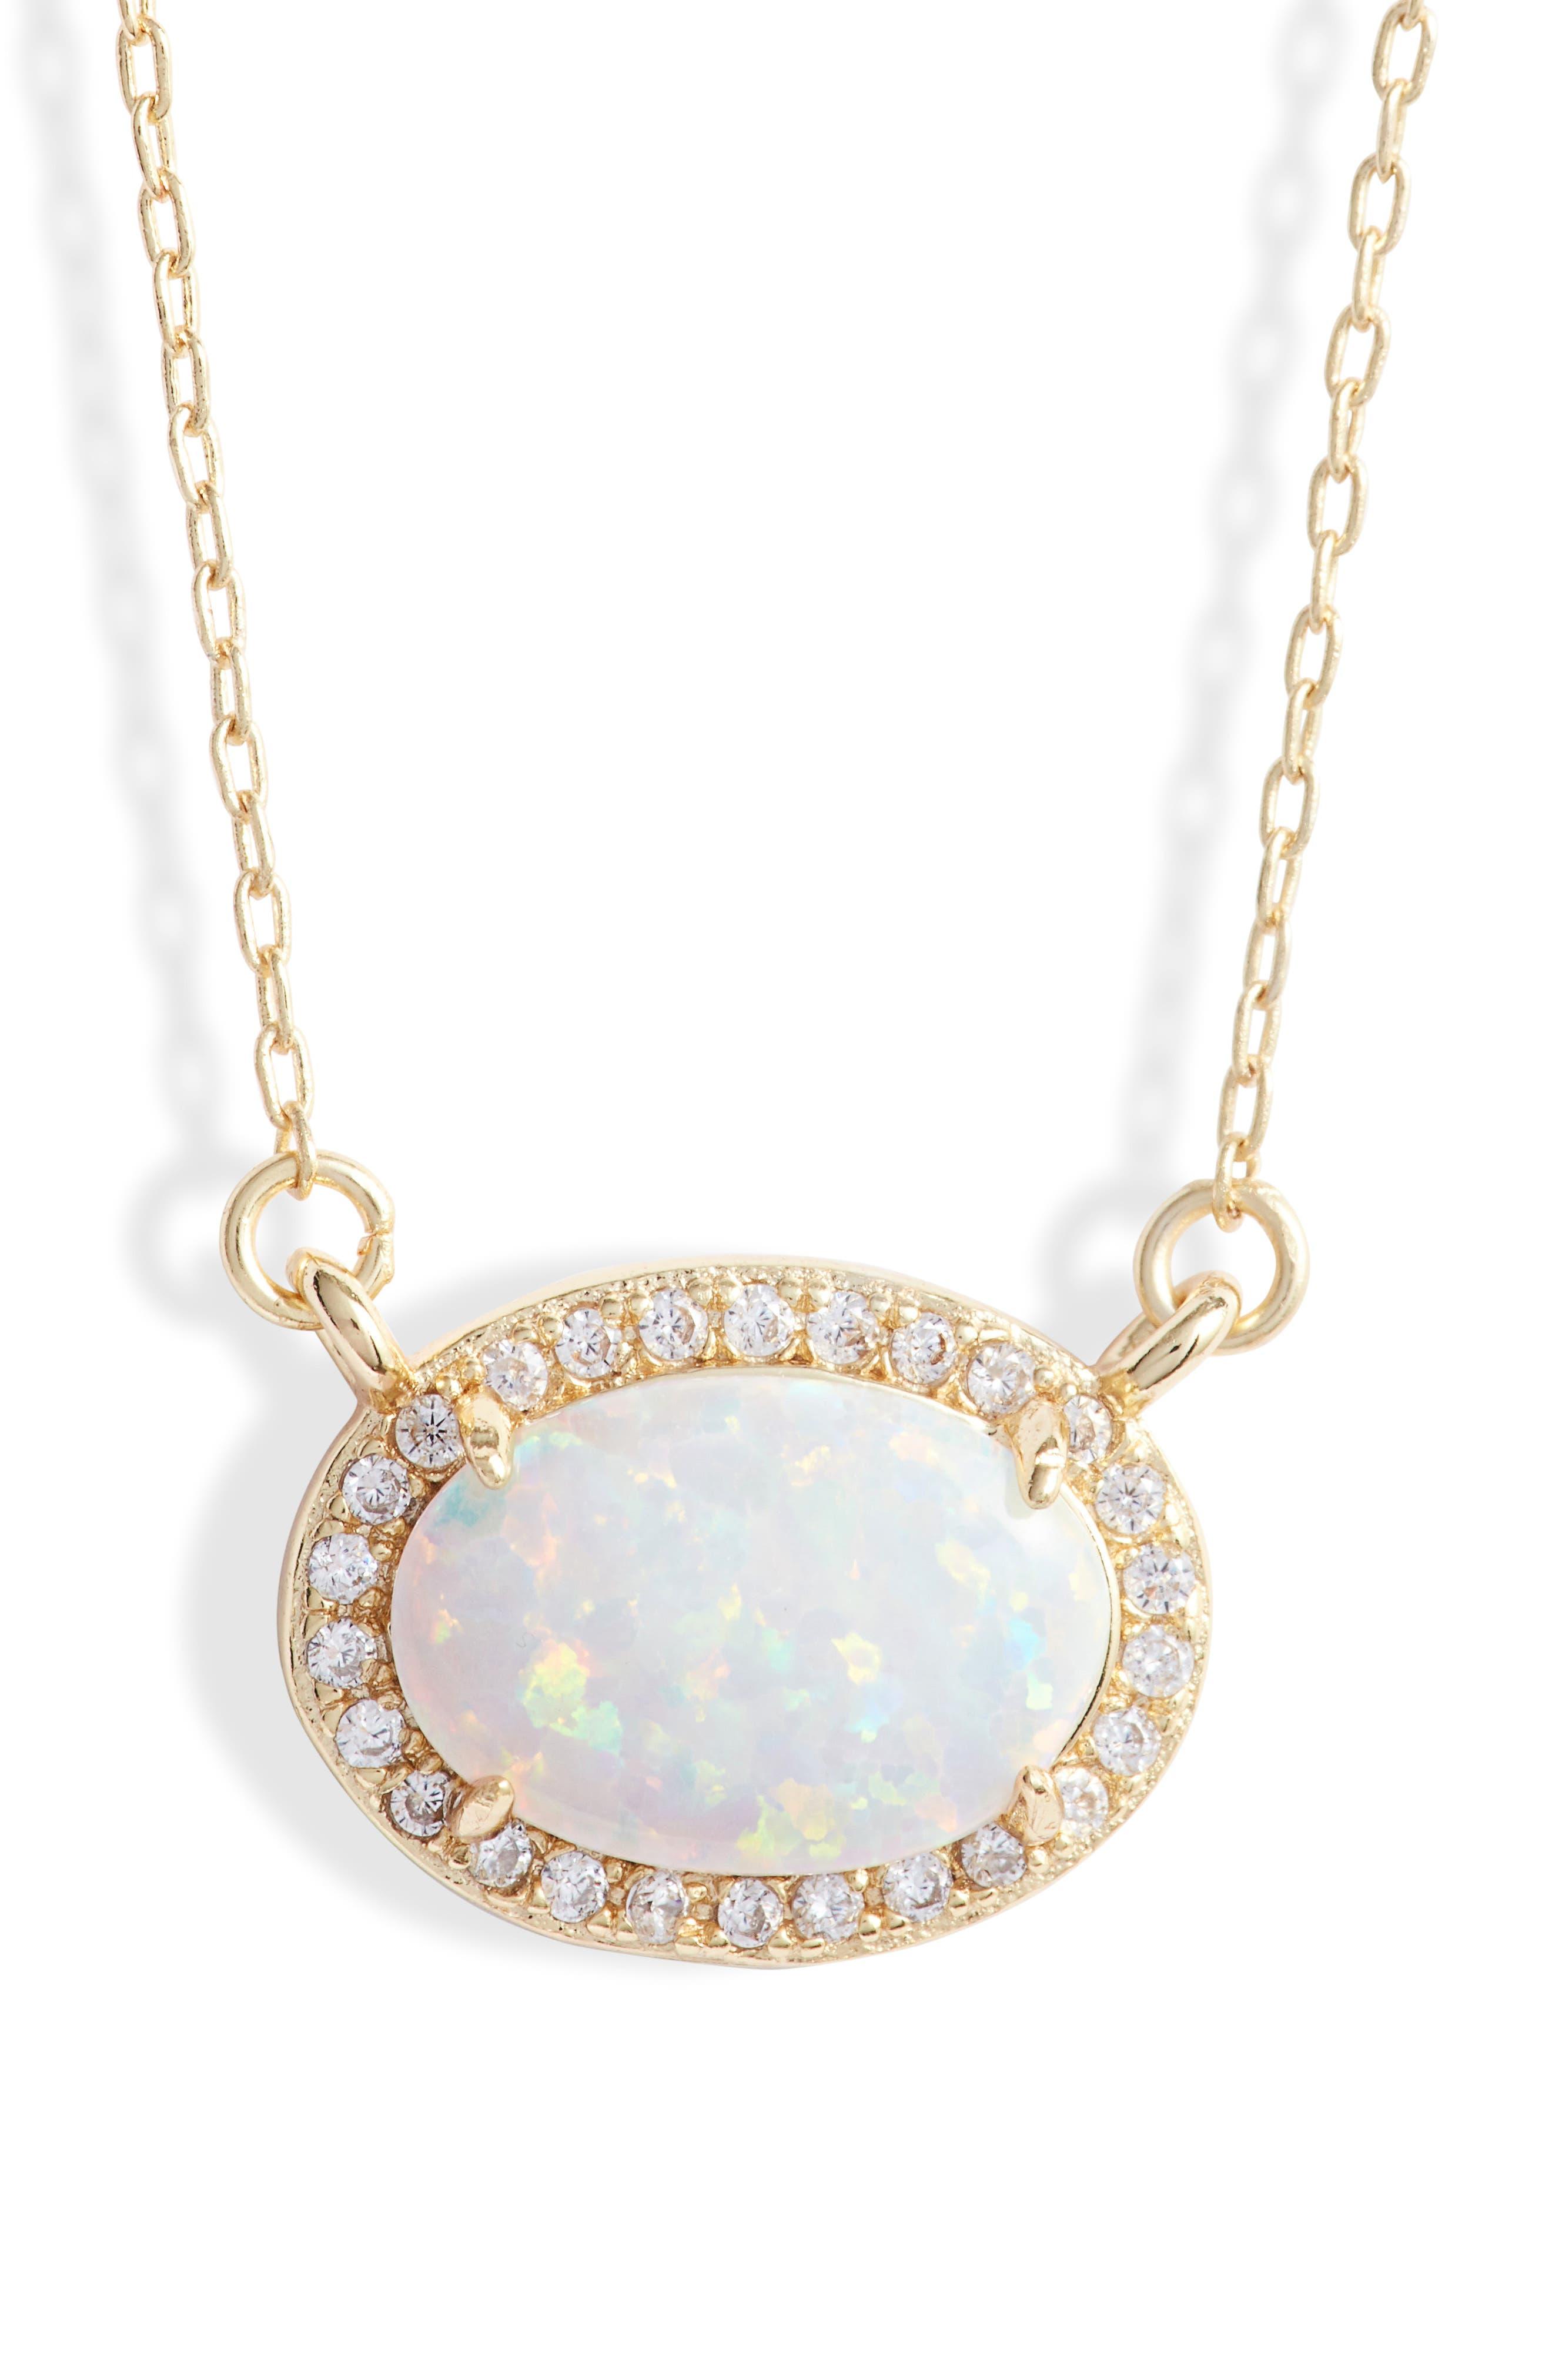 MELINDA MARIA Ciera Opal Pendant Necklace, Main, color, 710